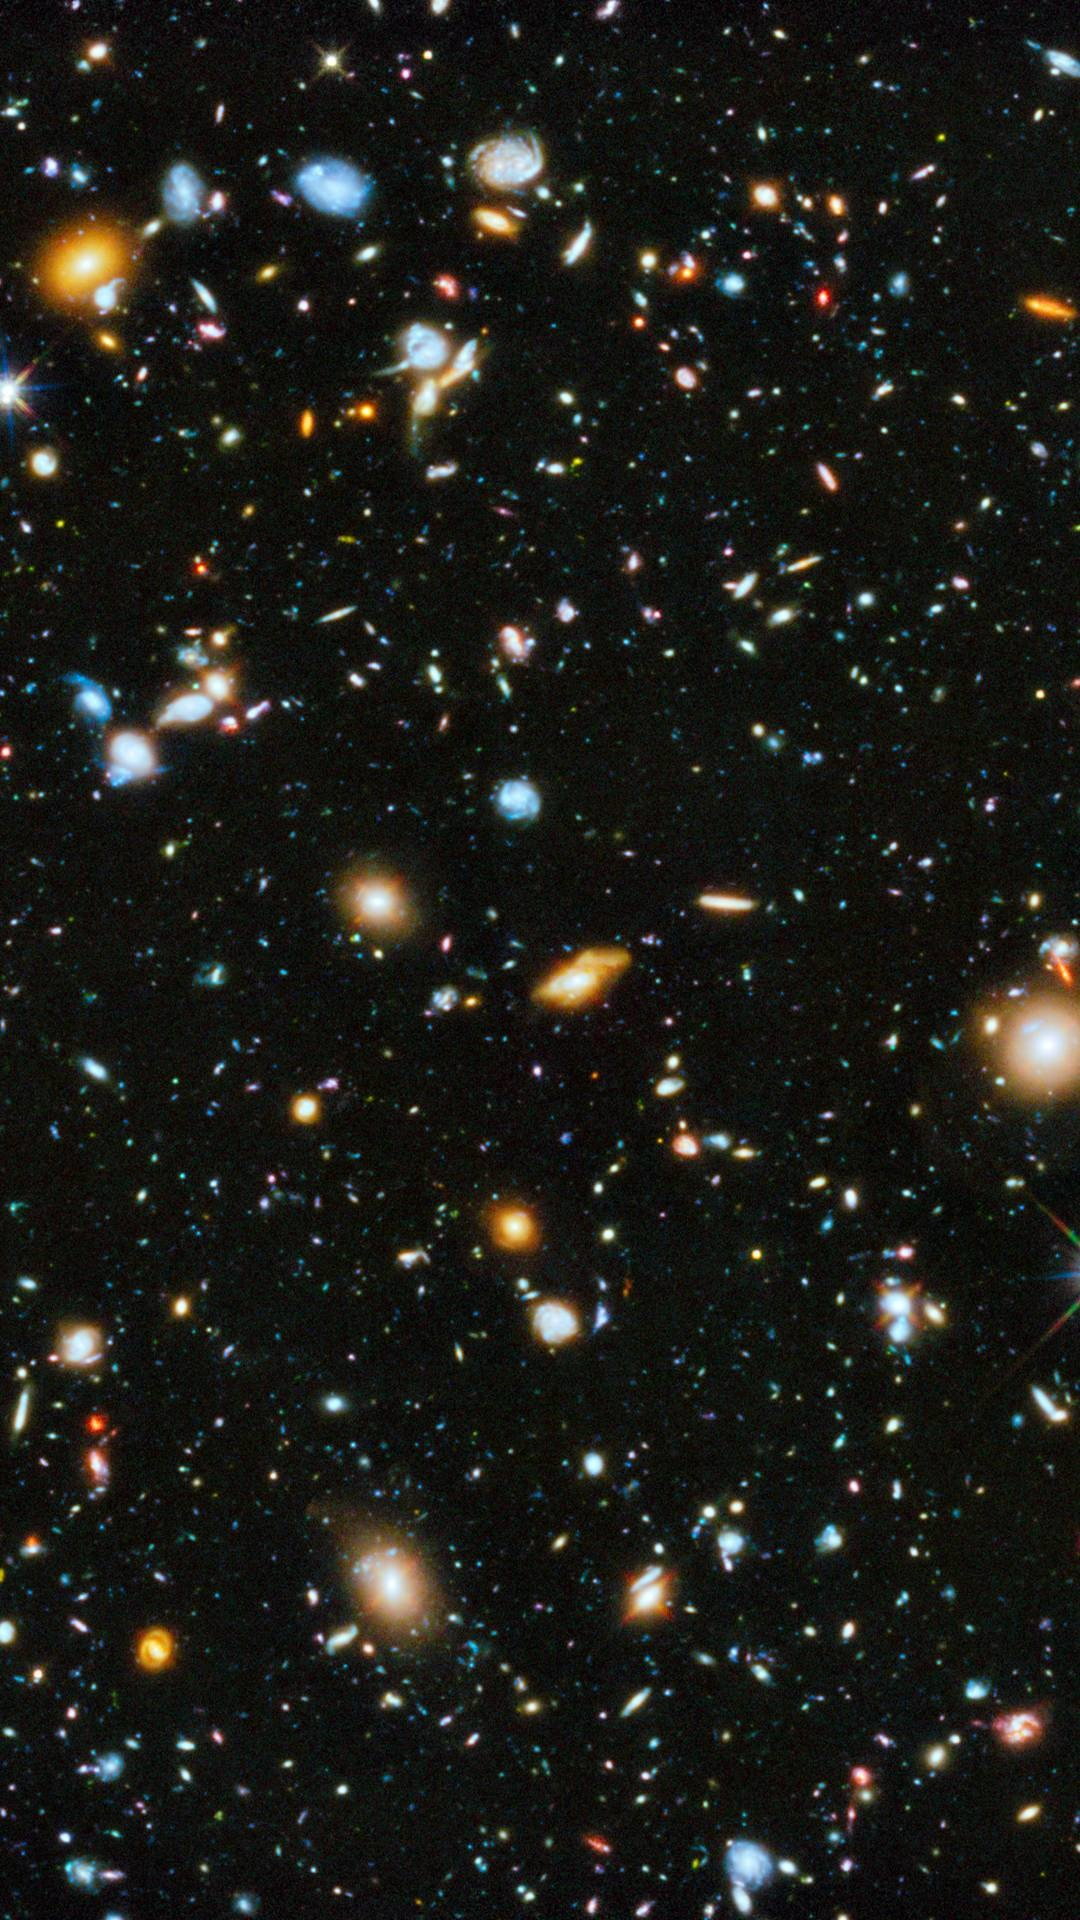 Hubble Ultra Deep Field Wallpaper (iPhone-6-Plus)